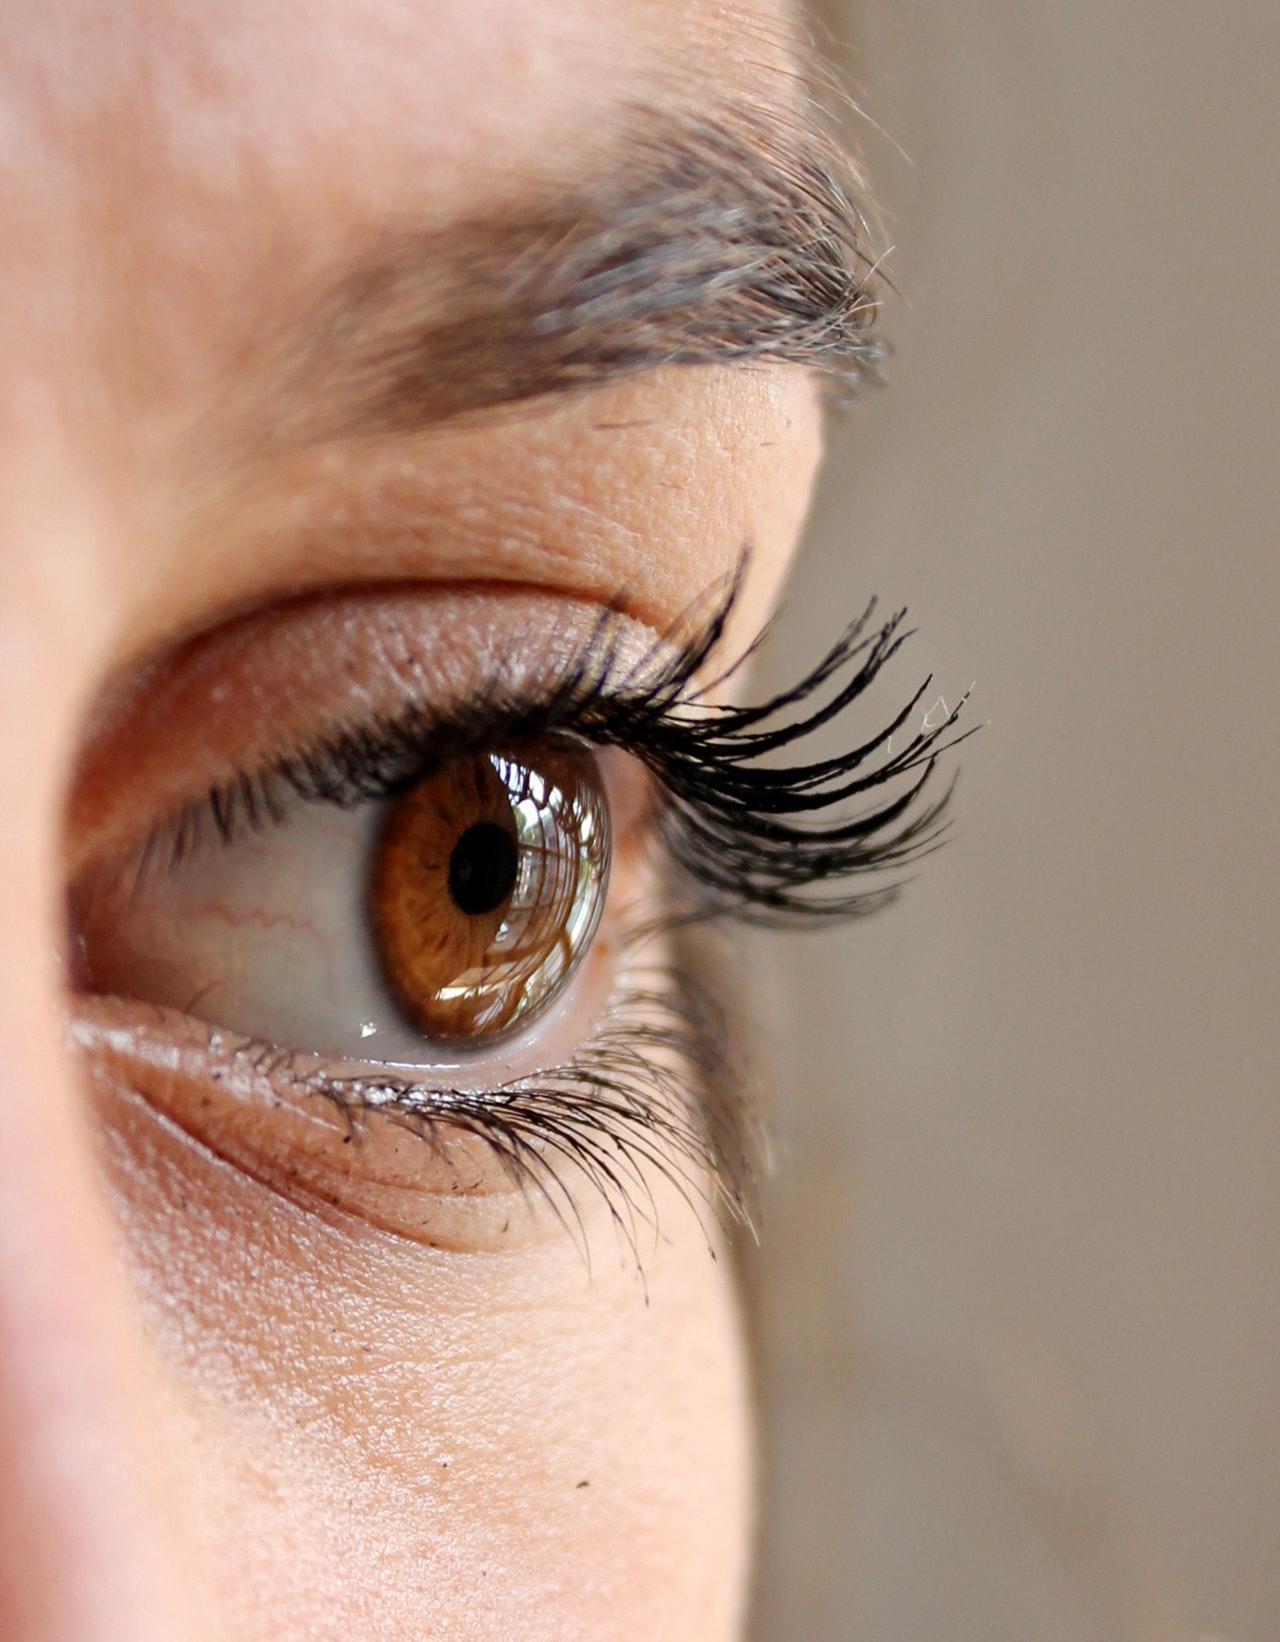 eye-eyelashes-face-woman-63320-1534792499022-1534792500816.jpeg